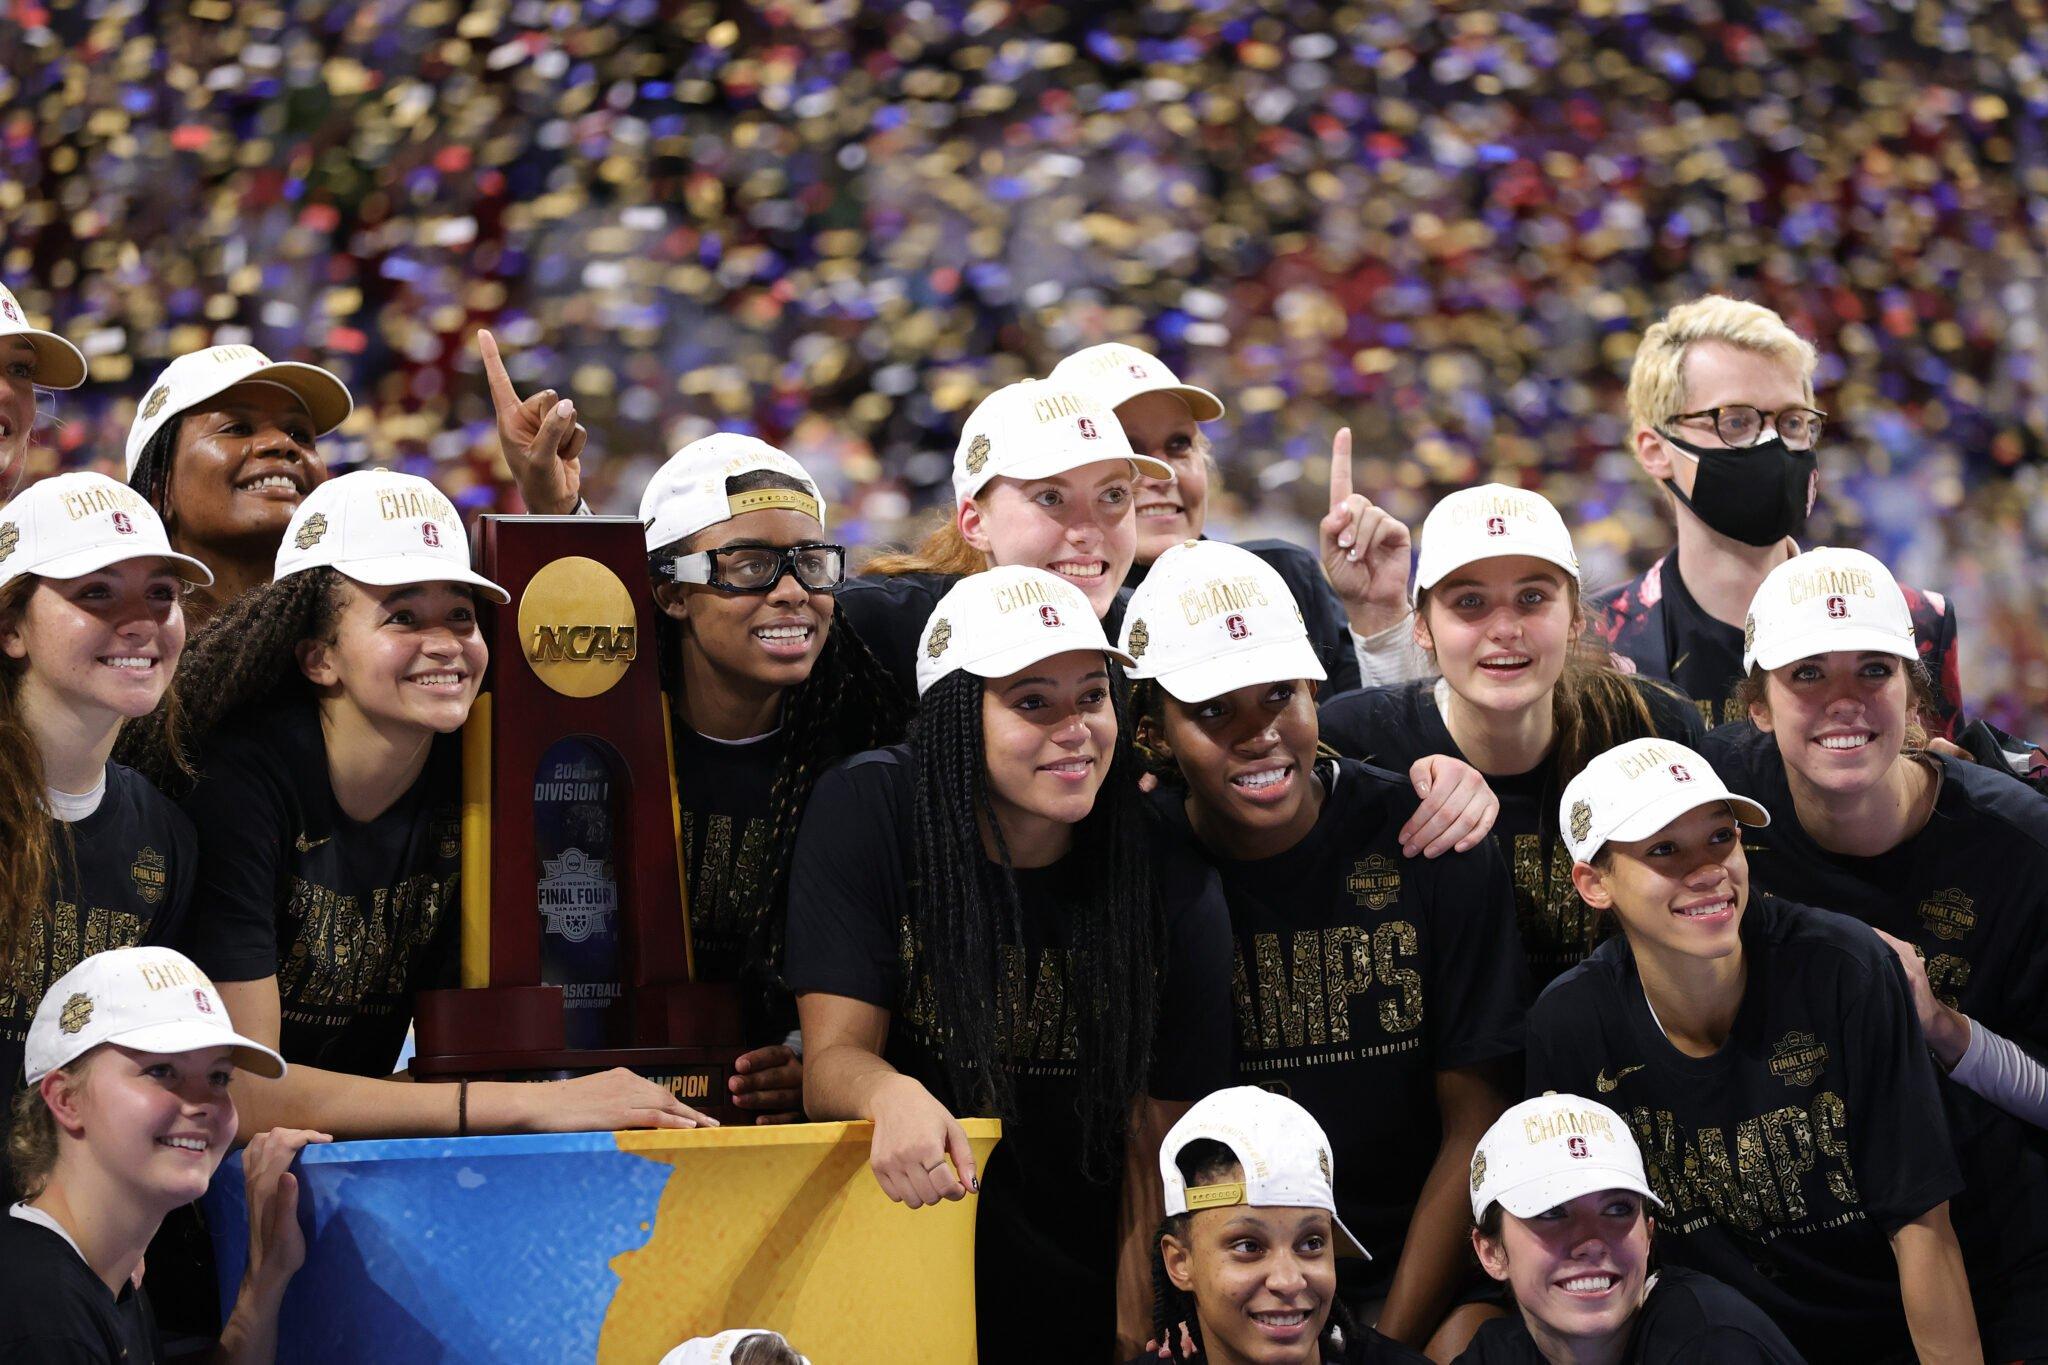 Les joueuses de Stanford, championnes 2021 après une saison de sacrifice. Photo : Carmen Mandato / Getty Images